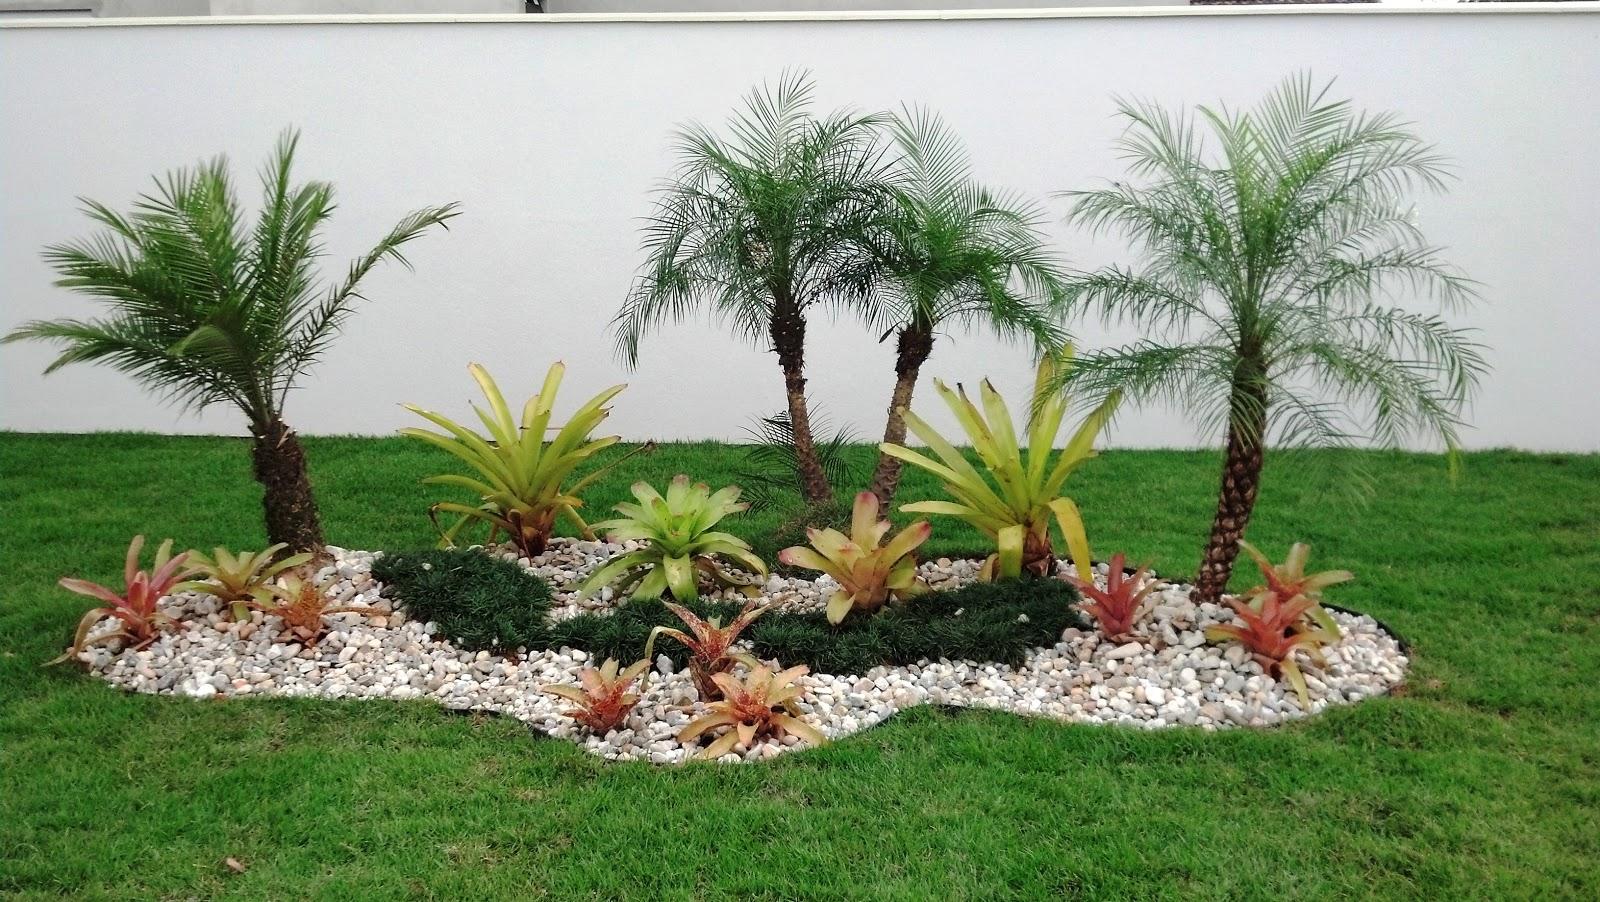 Pedras e jardins jardim com brom lias for Arbolitos para jardines pequenos